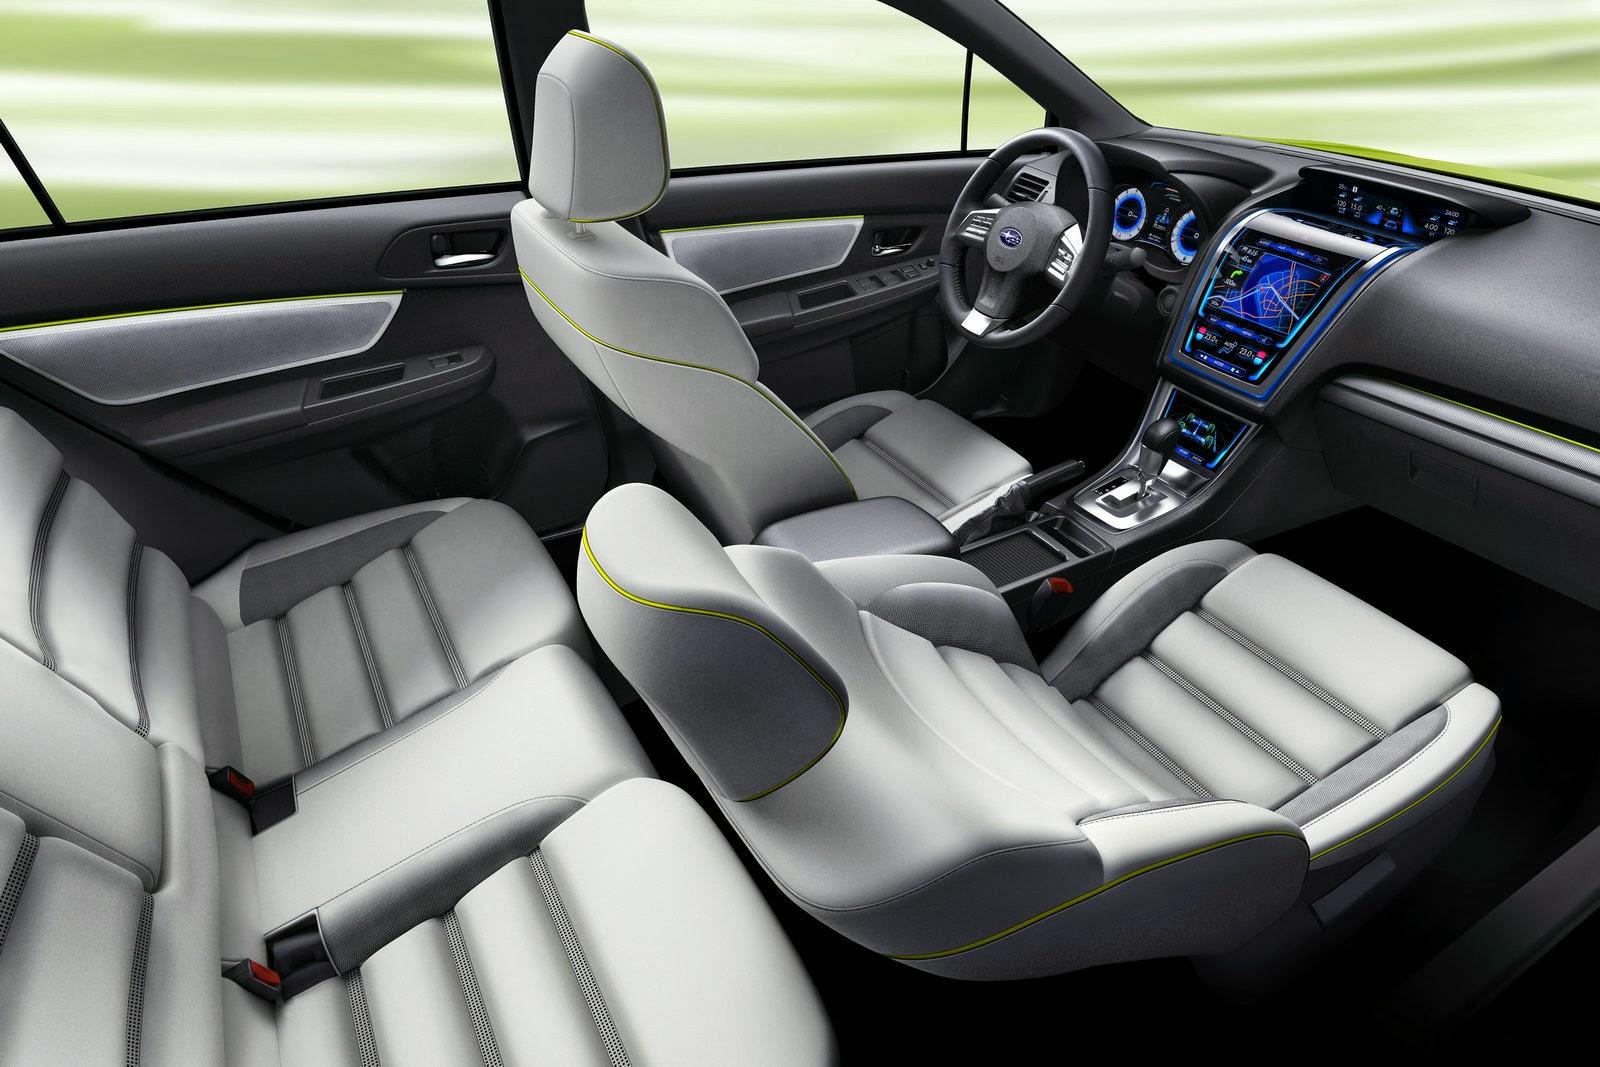 Subaru XV The Concept SUV Wallpaper | C a r W a l l p a p e r 2014